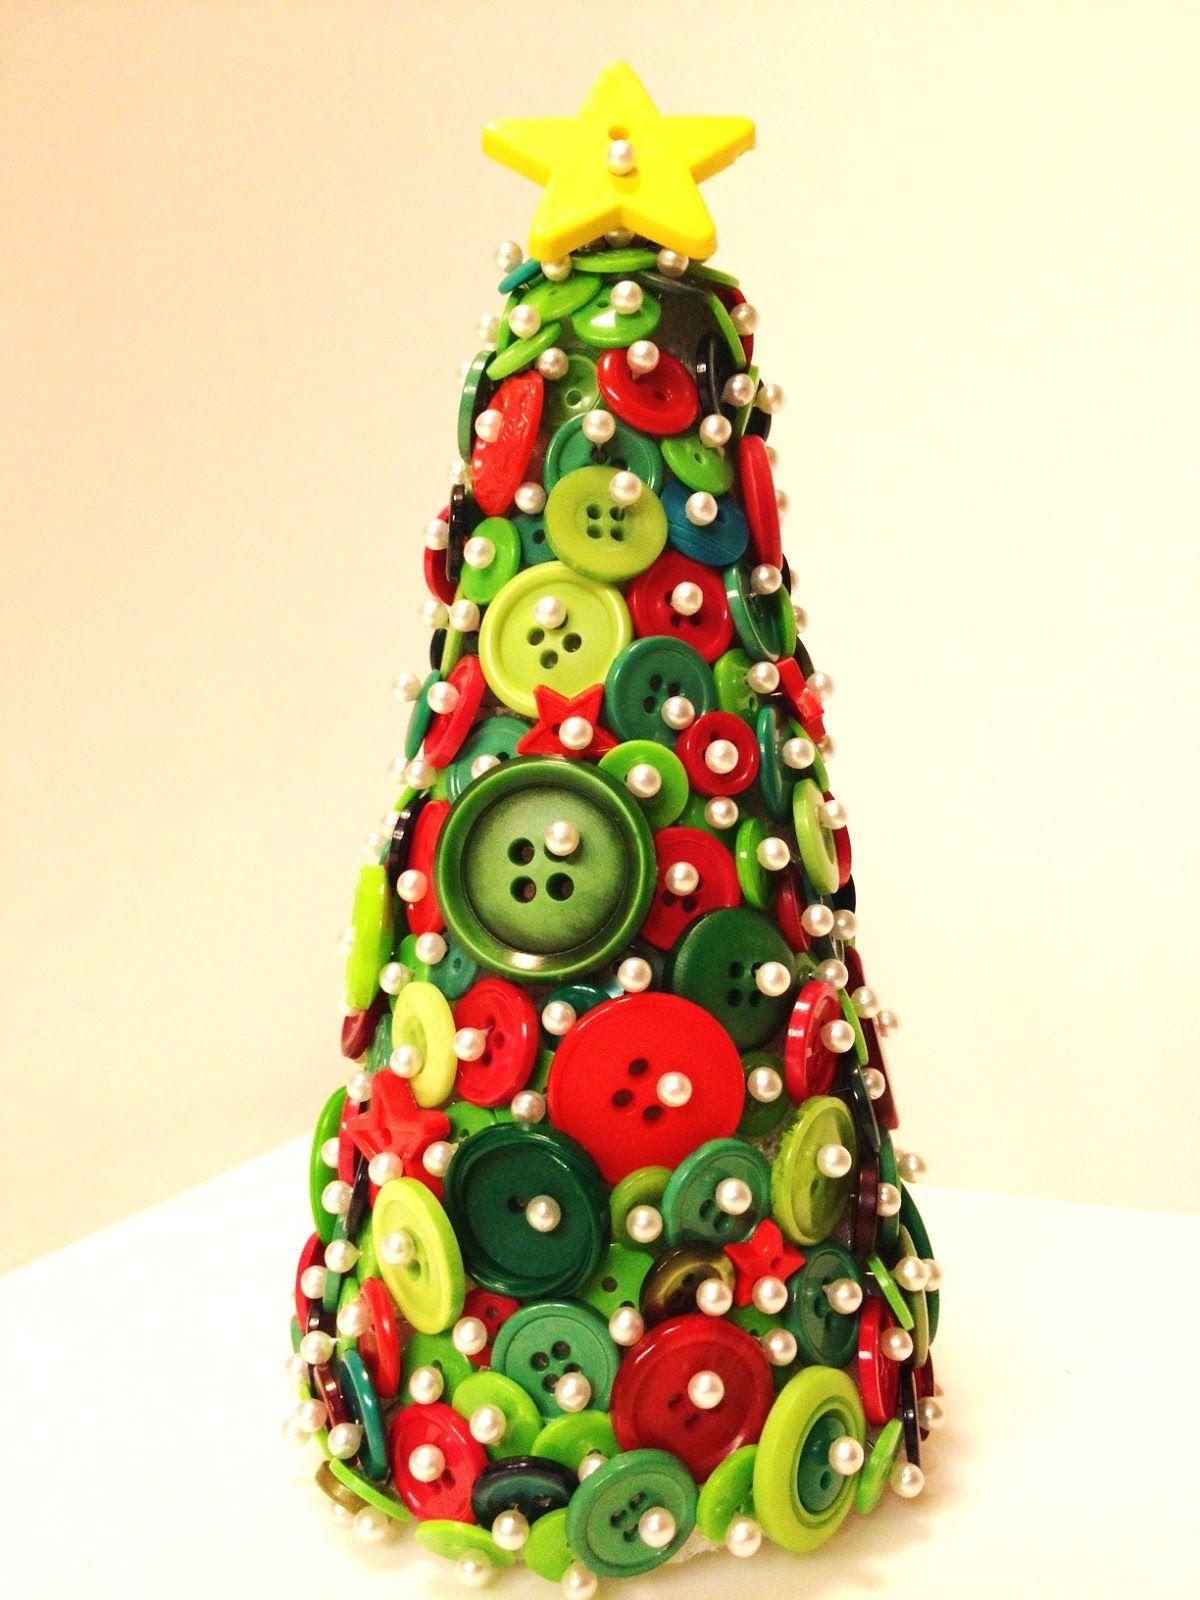 Idee Di Riciclo Per Natale 25 idee creative per riciclare i vecchi bottoni (con